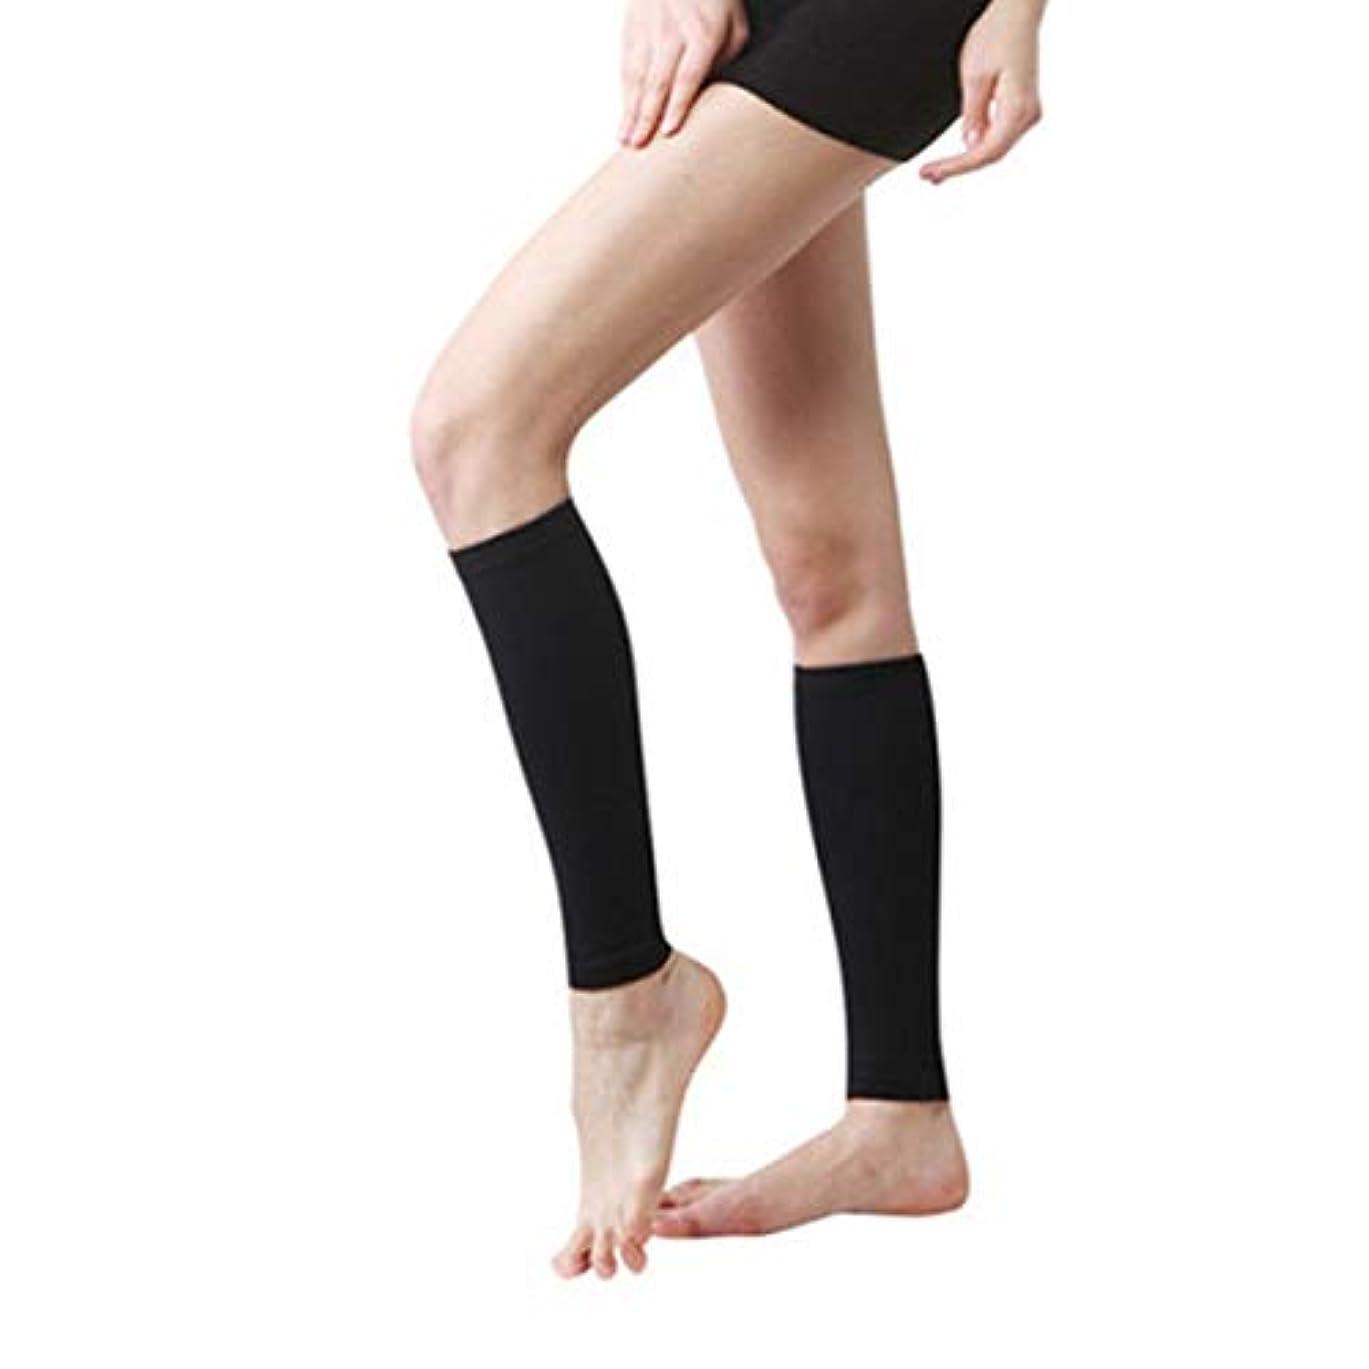 お別れクリーク間に合わせ丈夫な男性女性プロの圧縮靴下通気性のある旅行活動看護師用シンススプリントフライトトラベル - ブラック